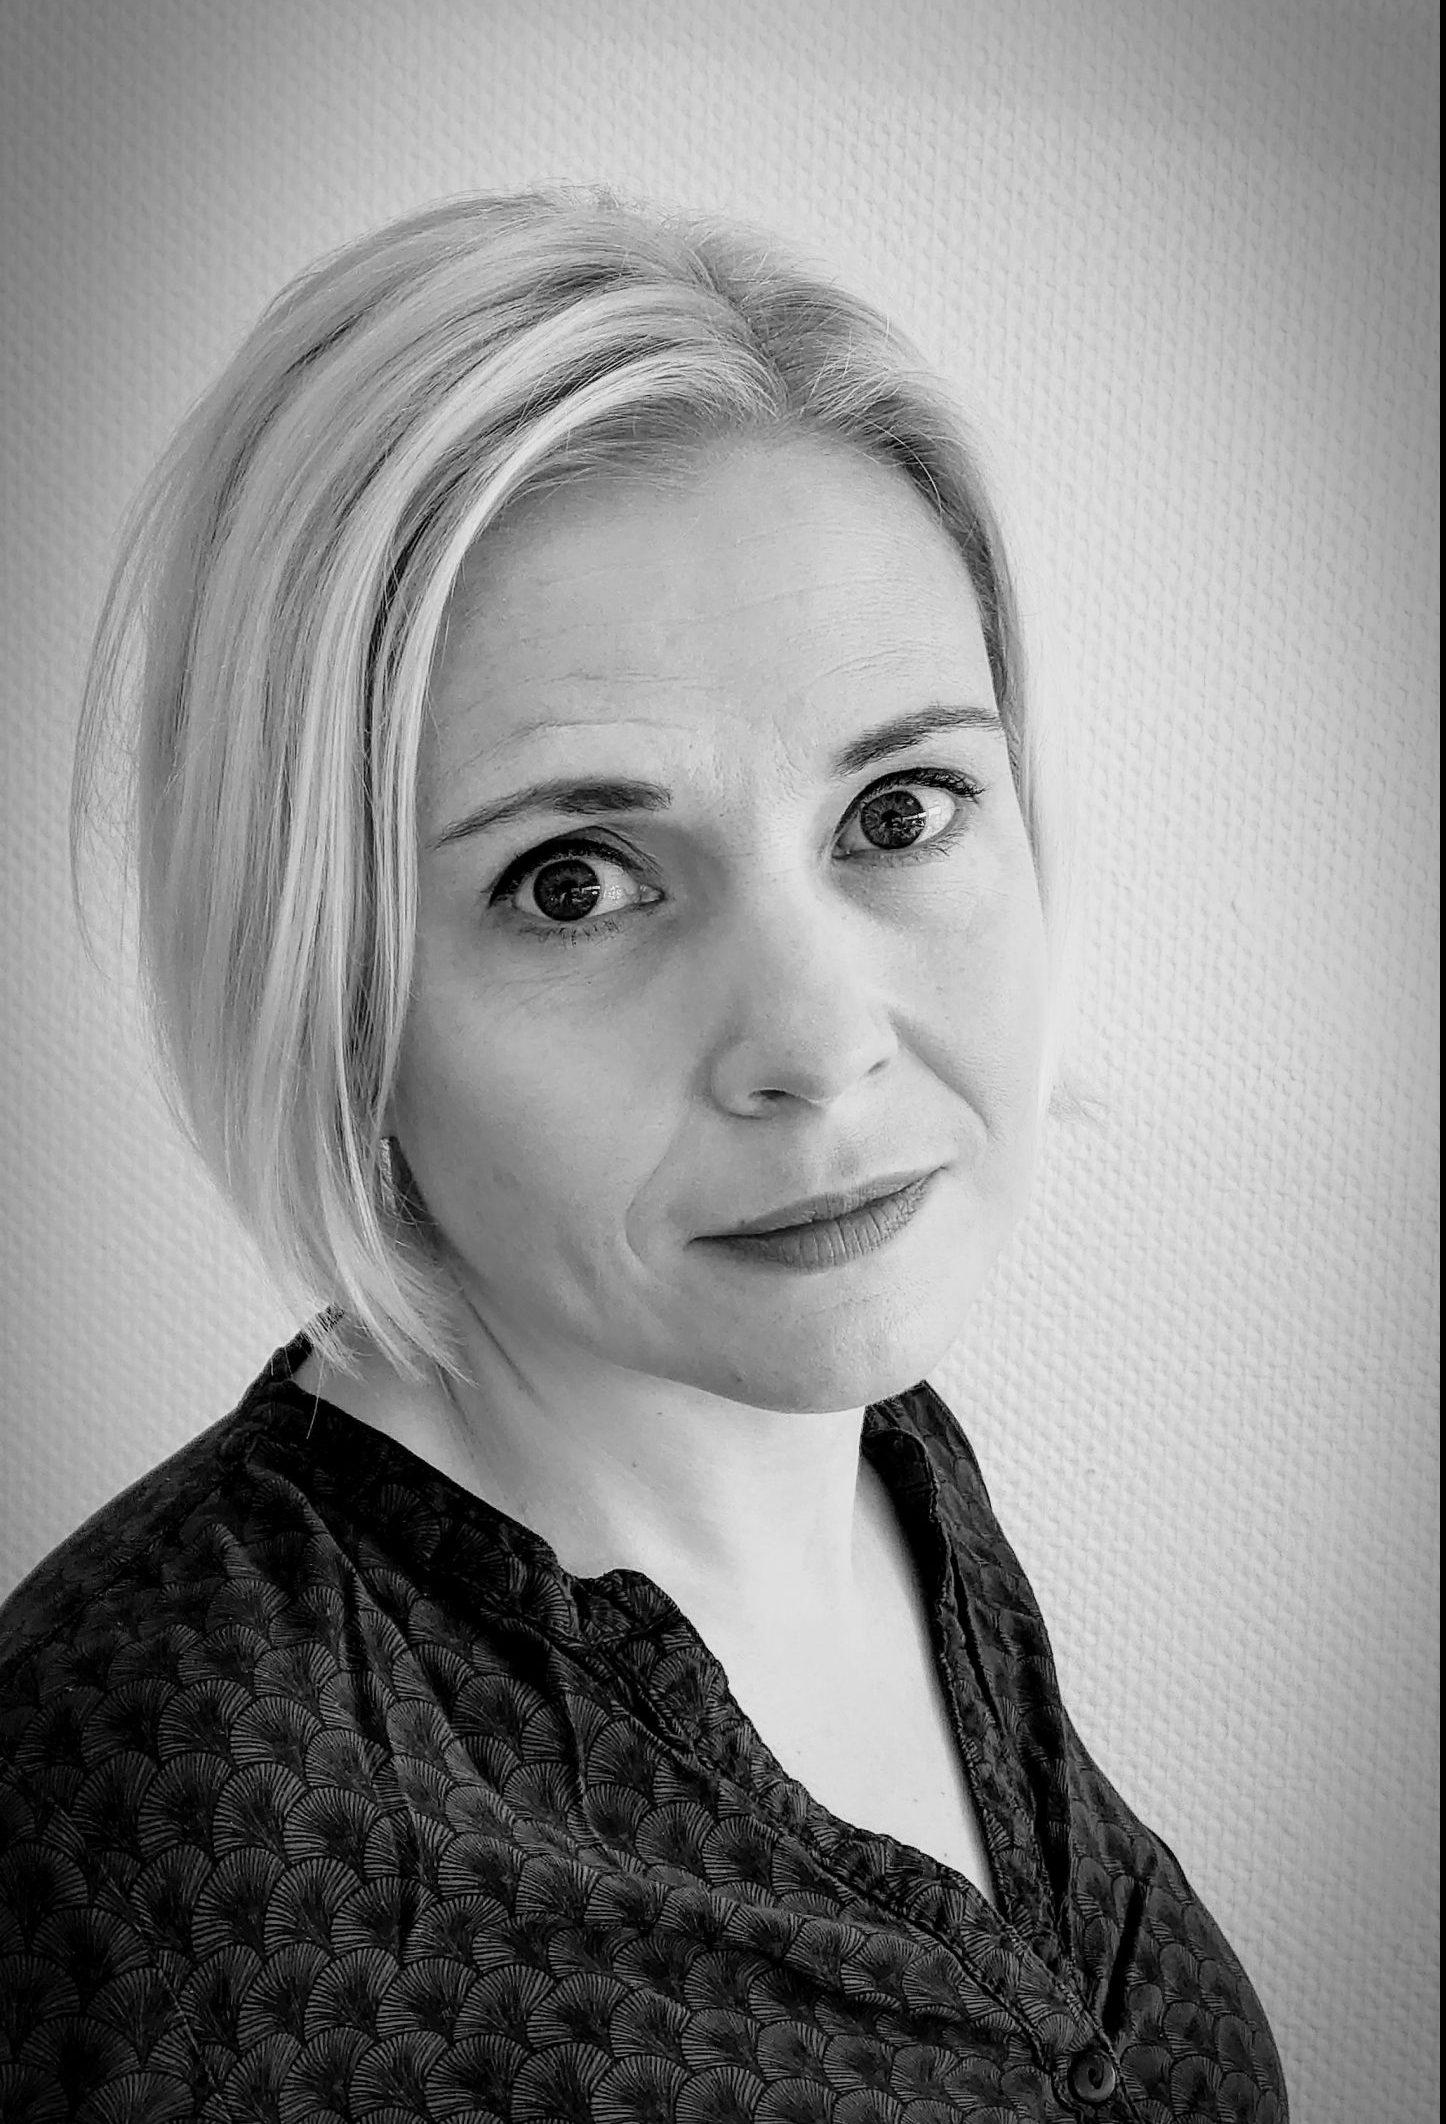 Hanne M Lund